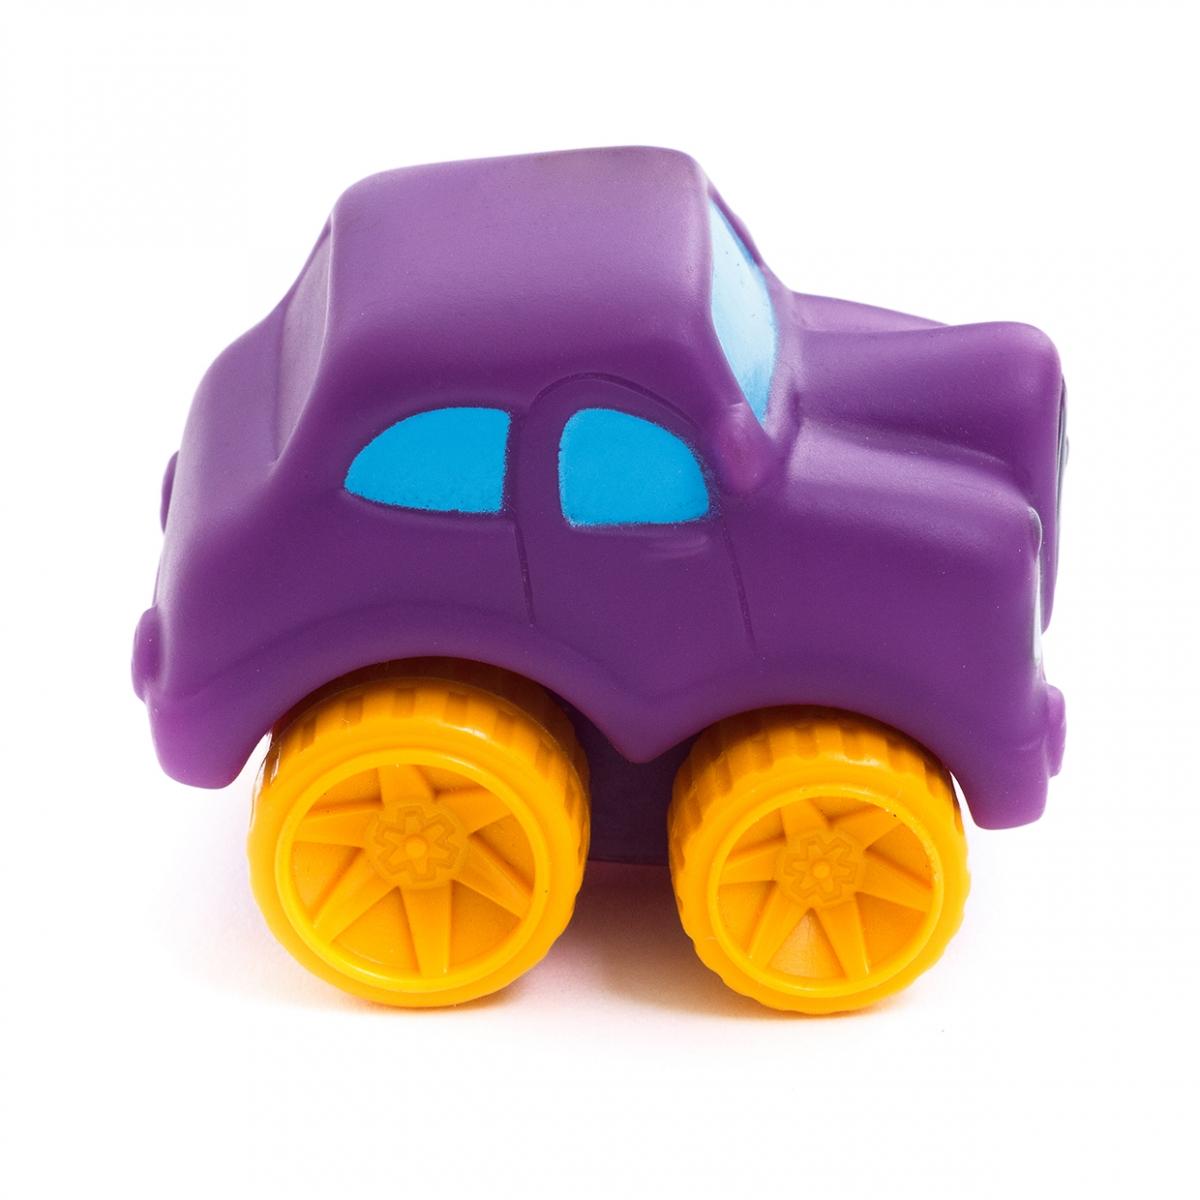 Imagen en la que se ve un coche de juguete infantil